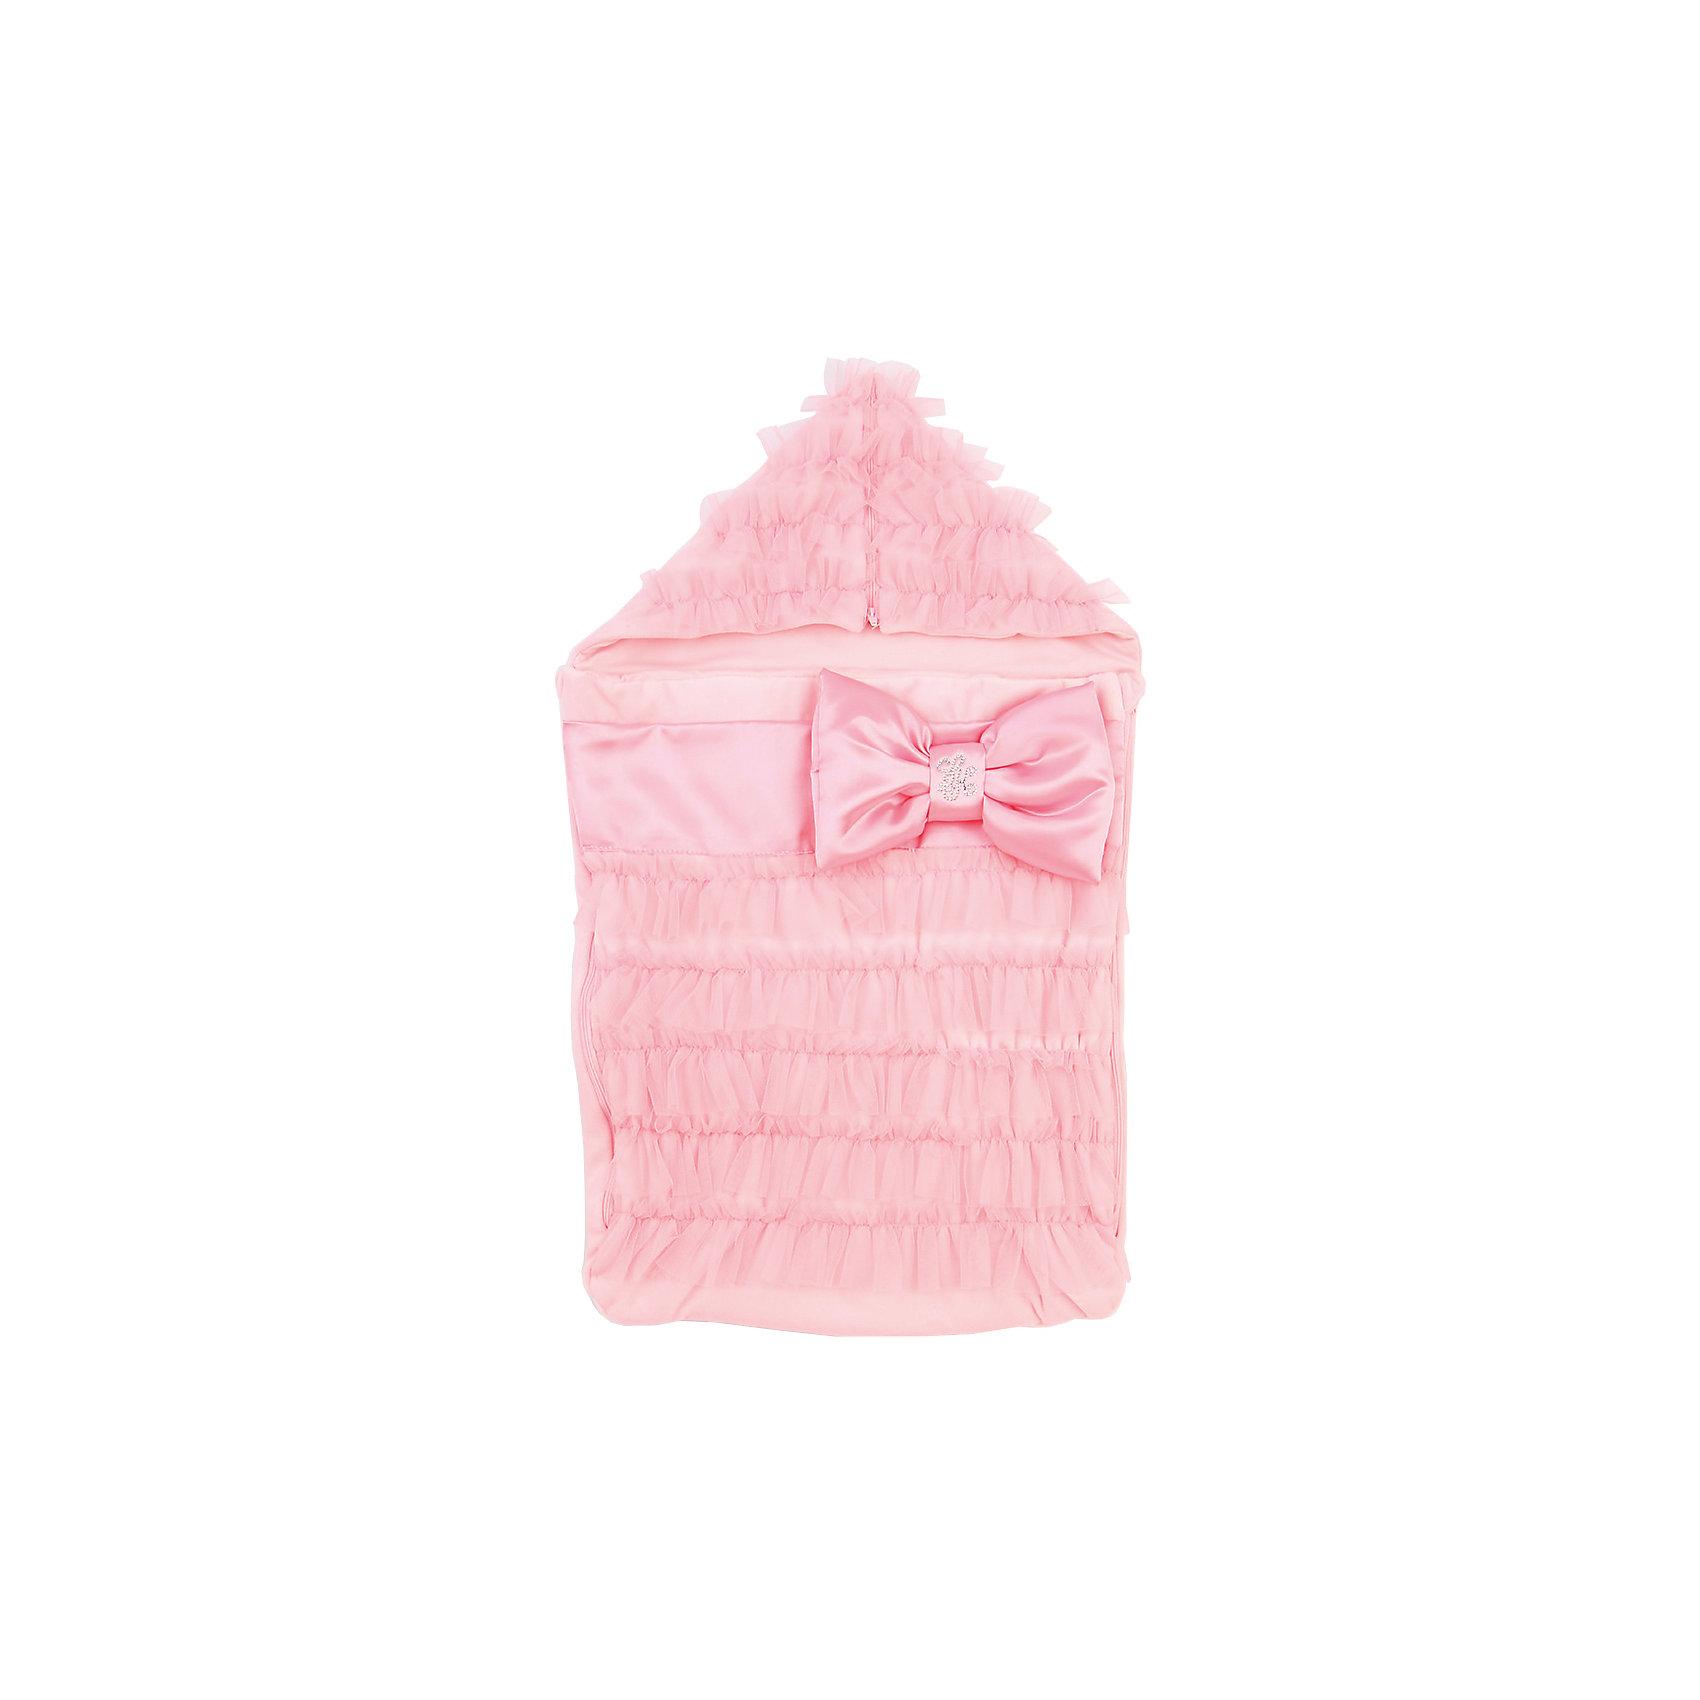 Конверт на выписку Нежность, Leader kids, розовый